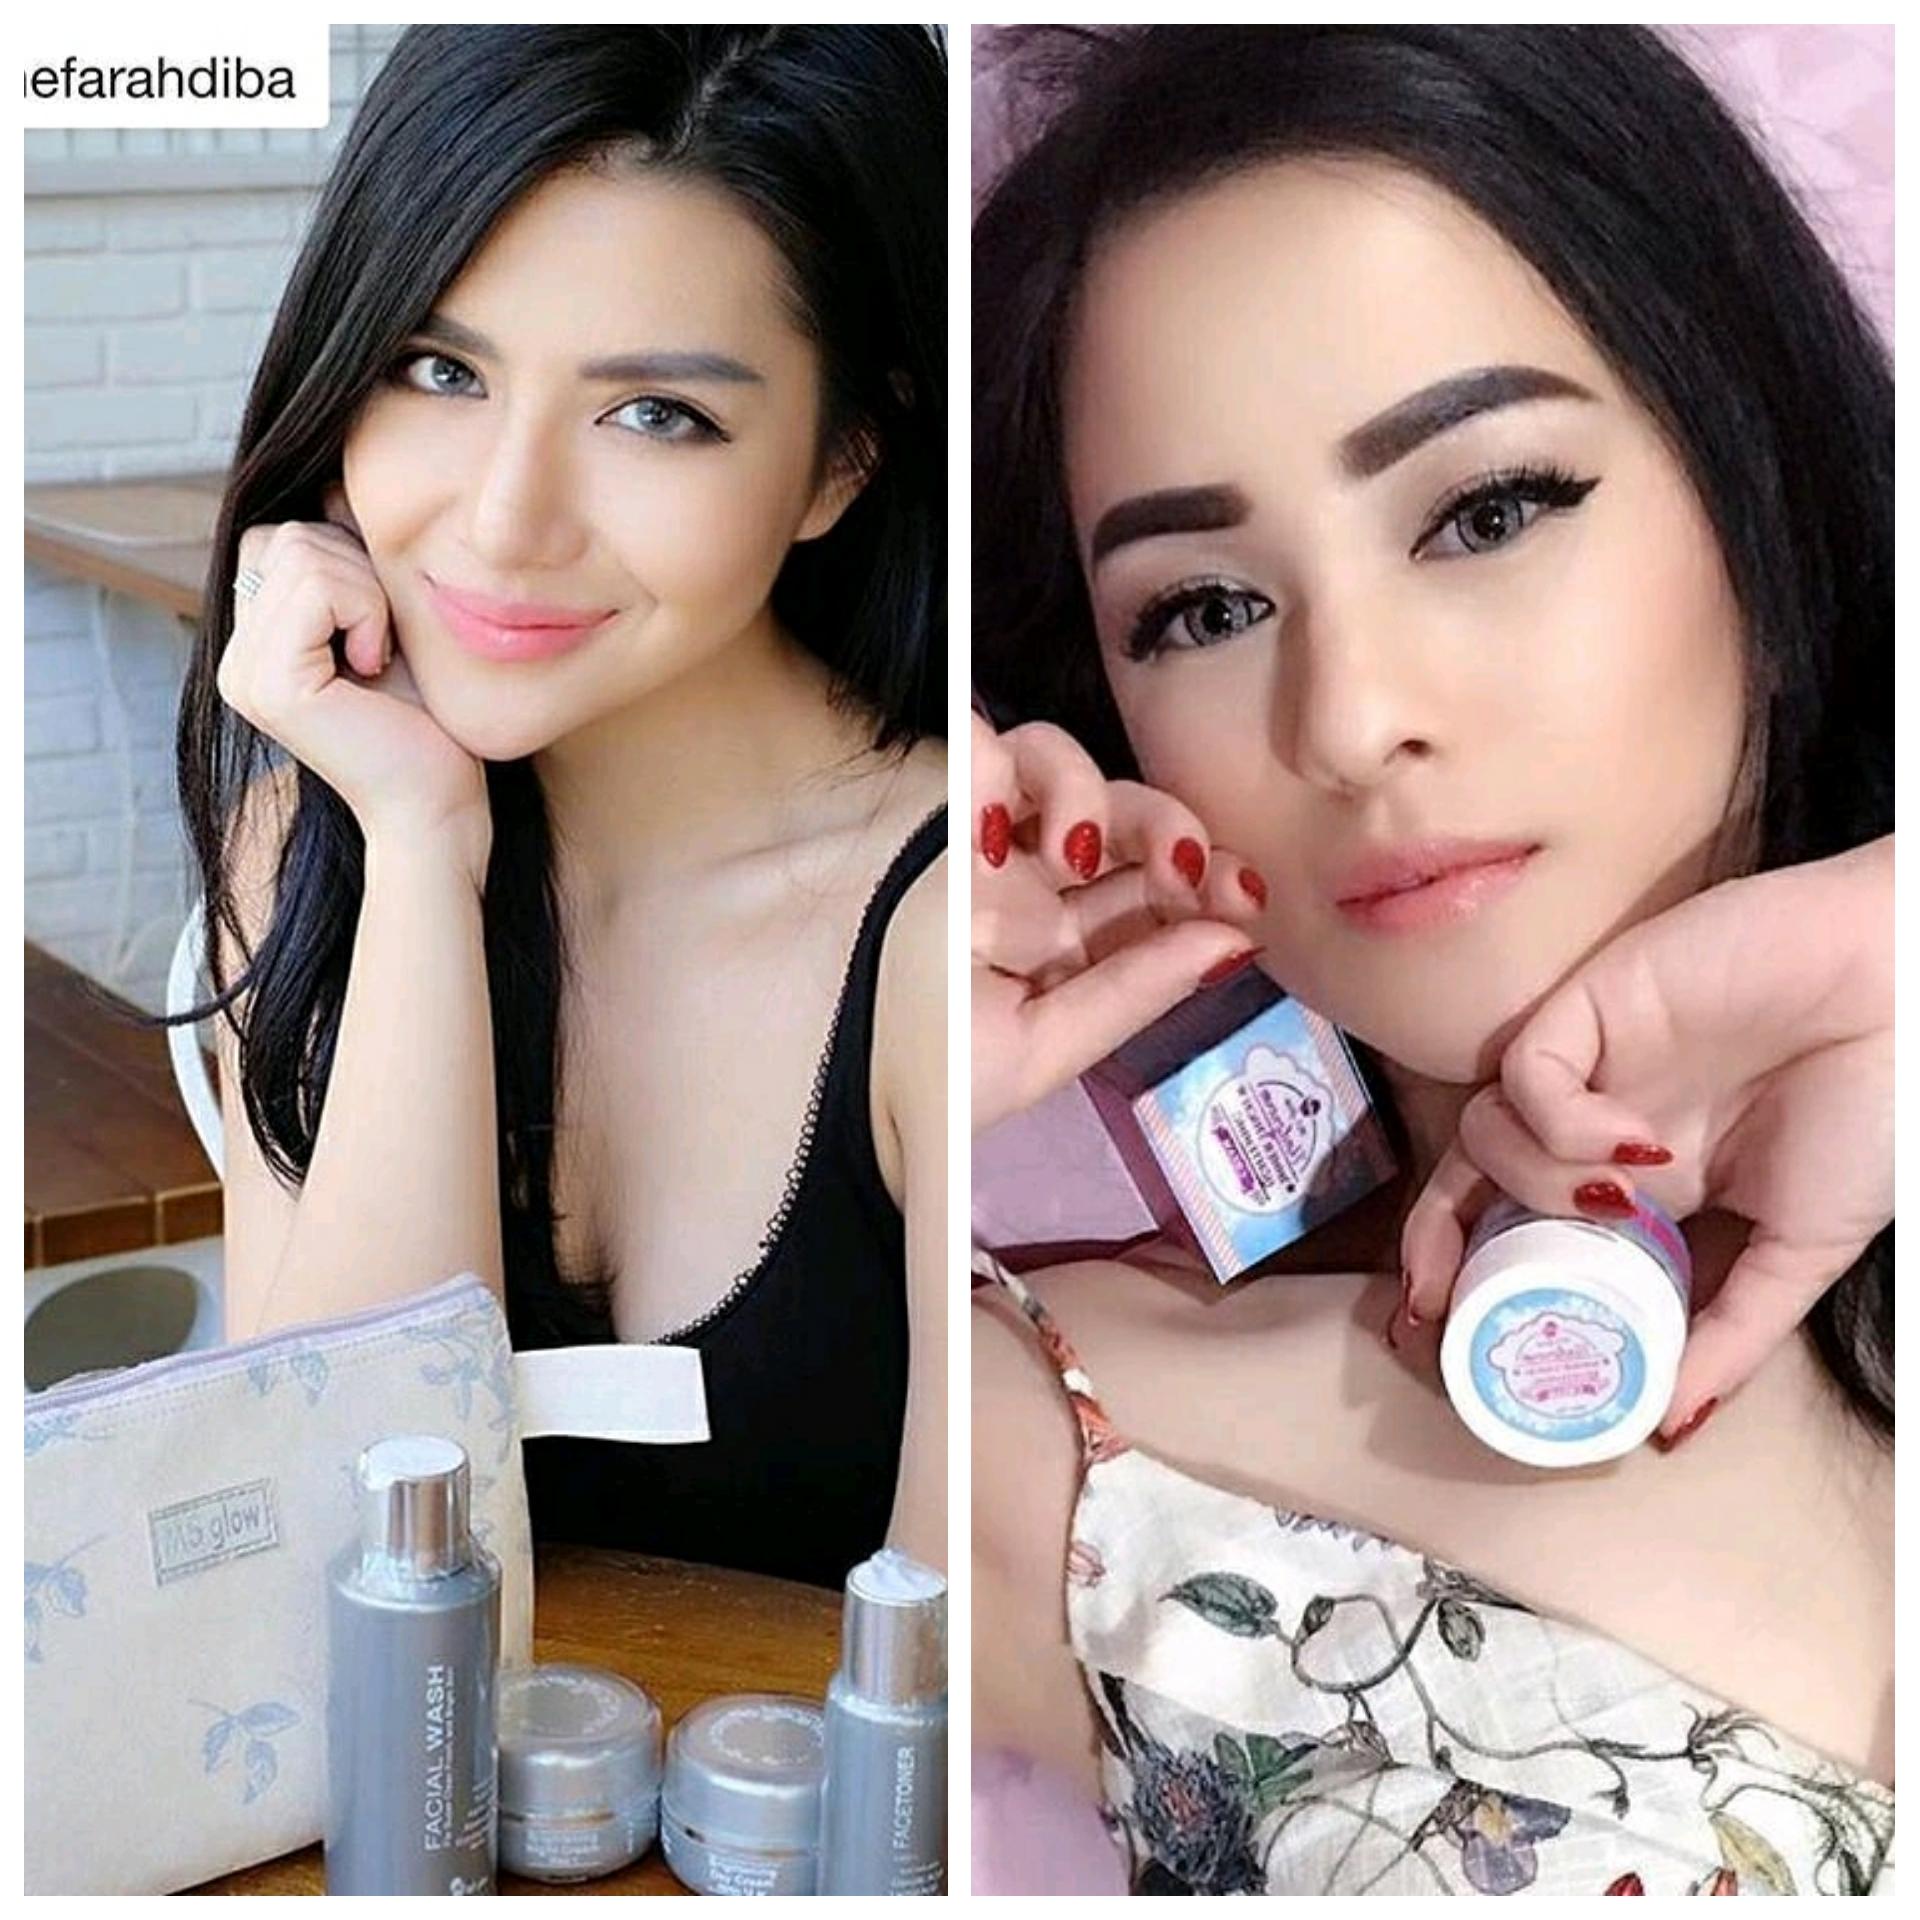 Official Distributor Resmi Pratista Skincare Aman Bpom: Paket Cream Perawatan Wajah Terbaik Yang Aman Untuk Usia